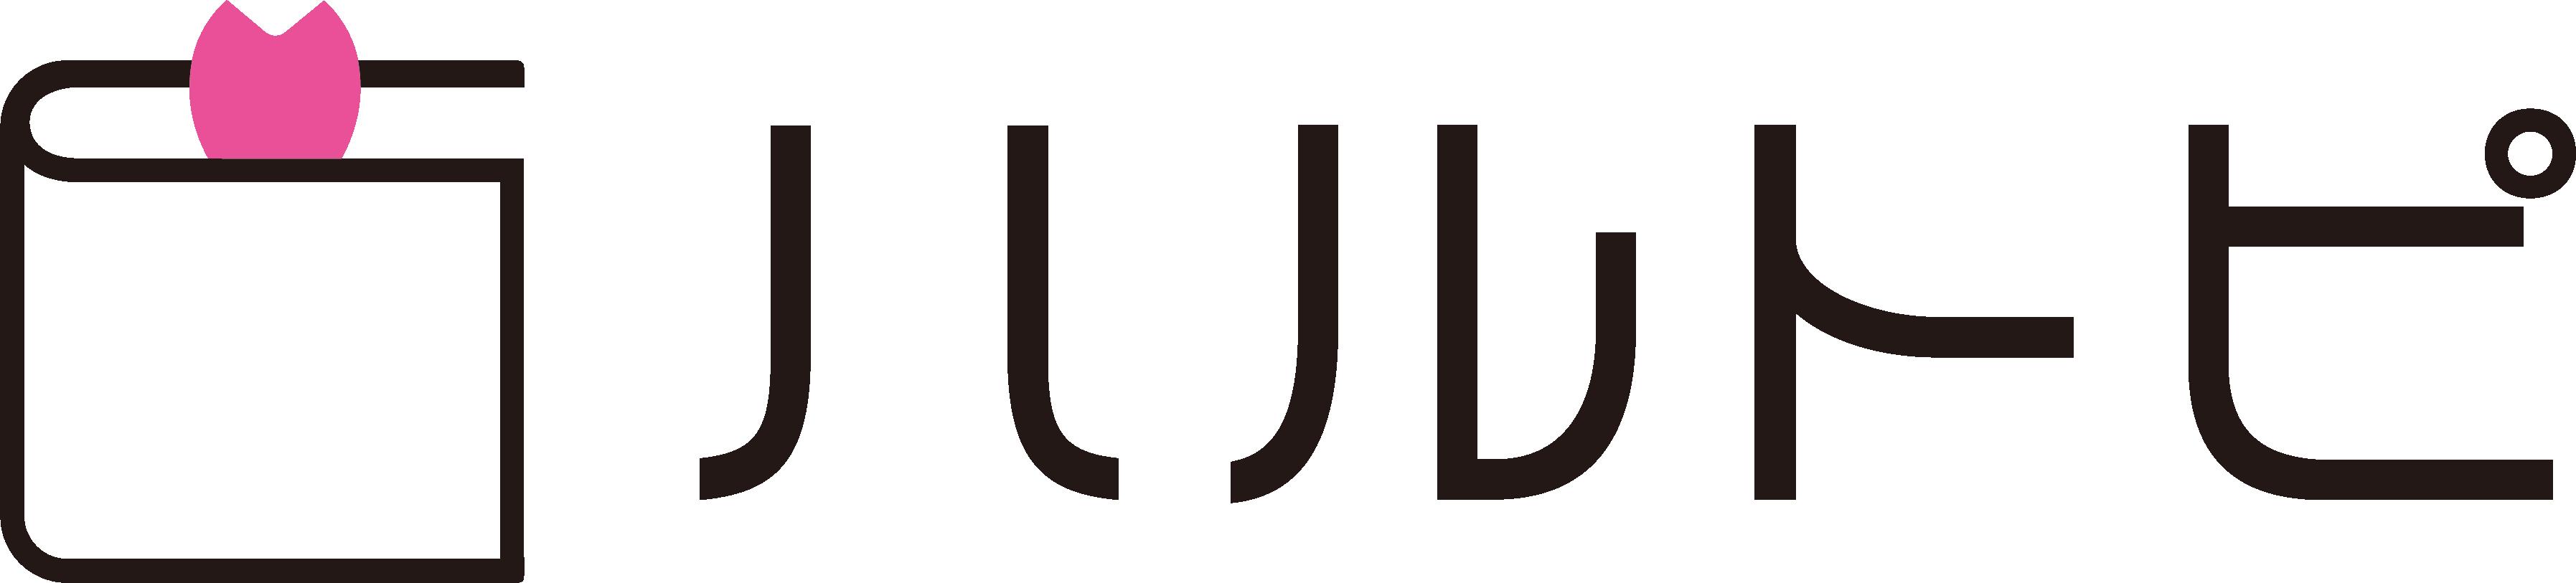 ハルトピのロゴ画像